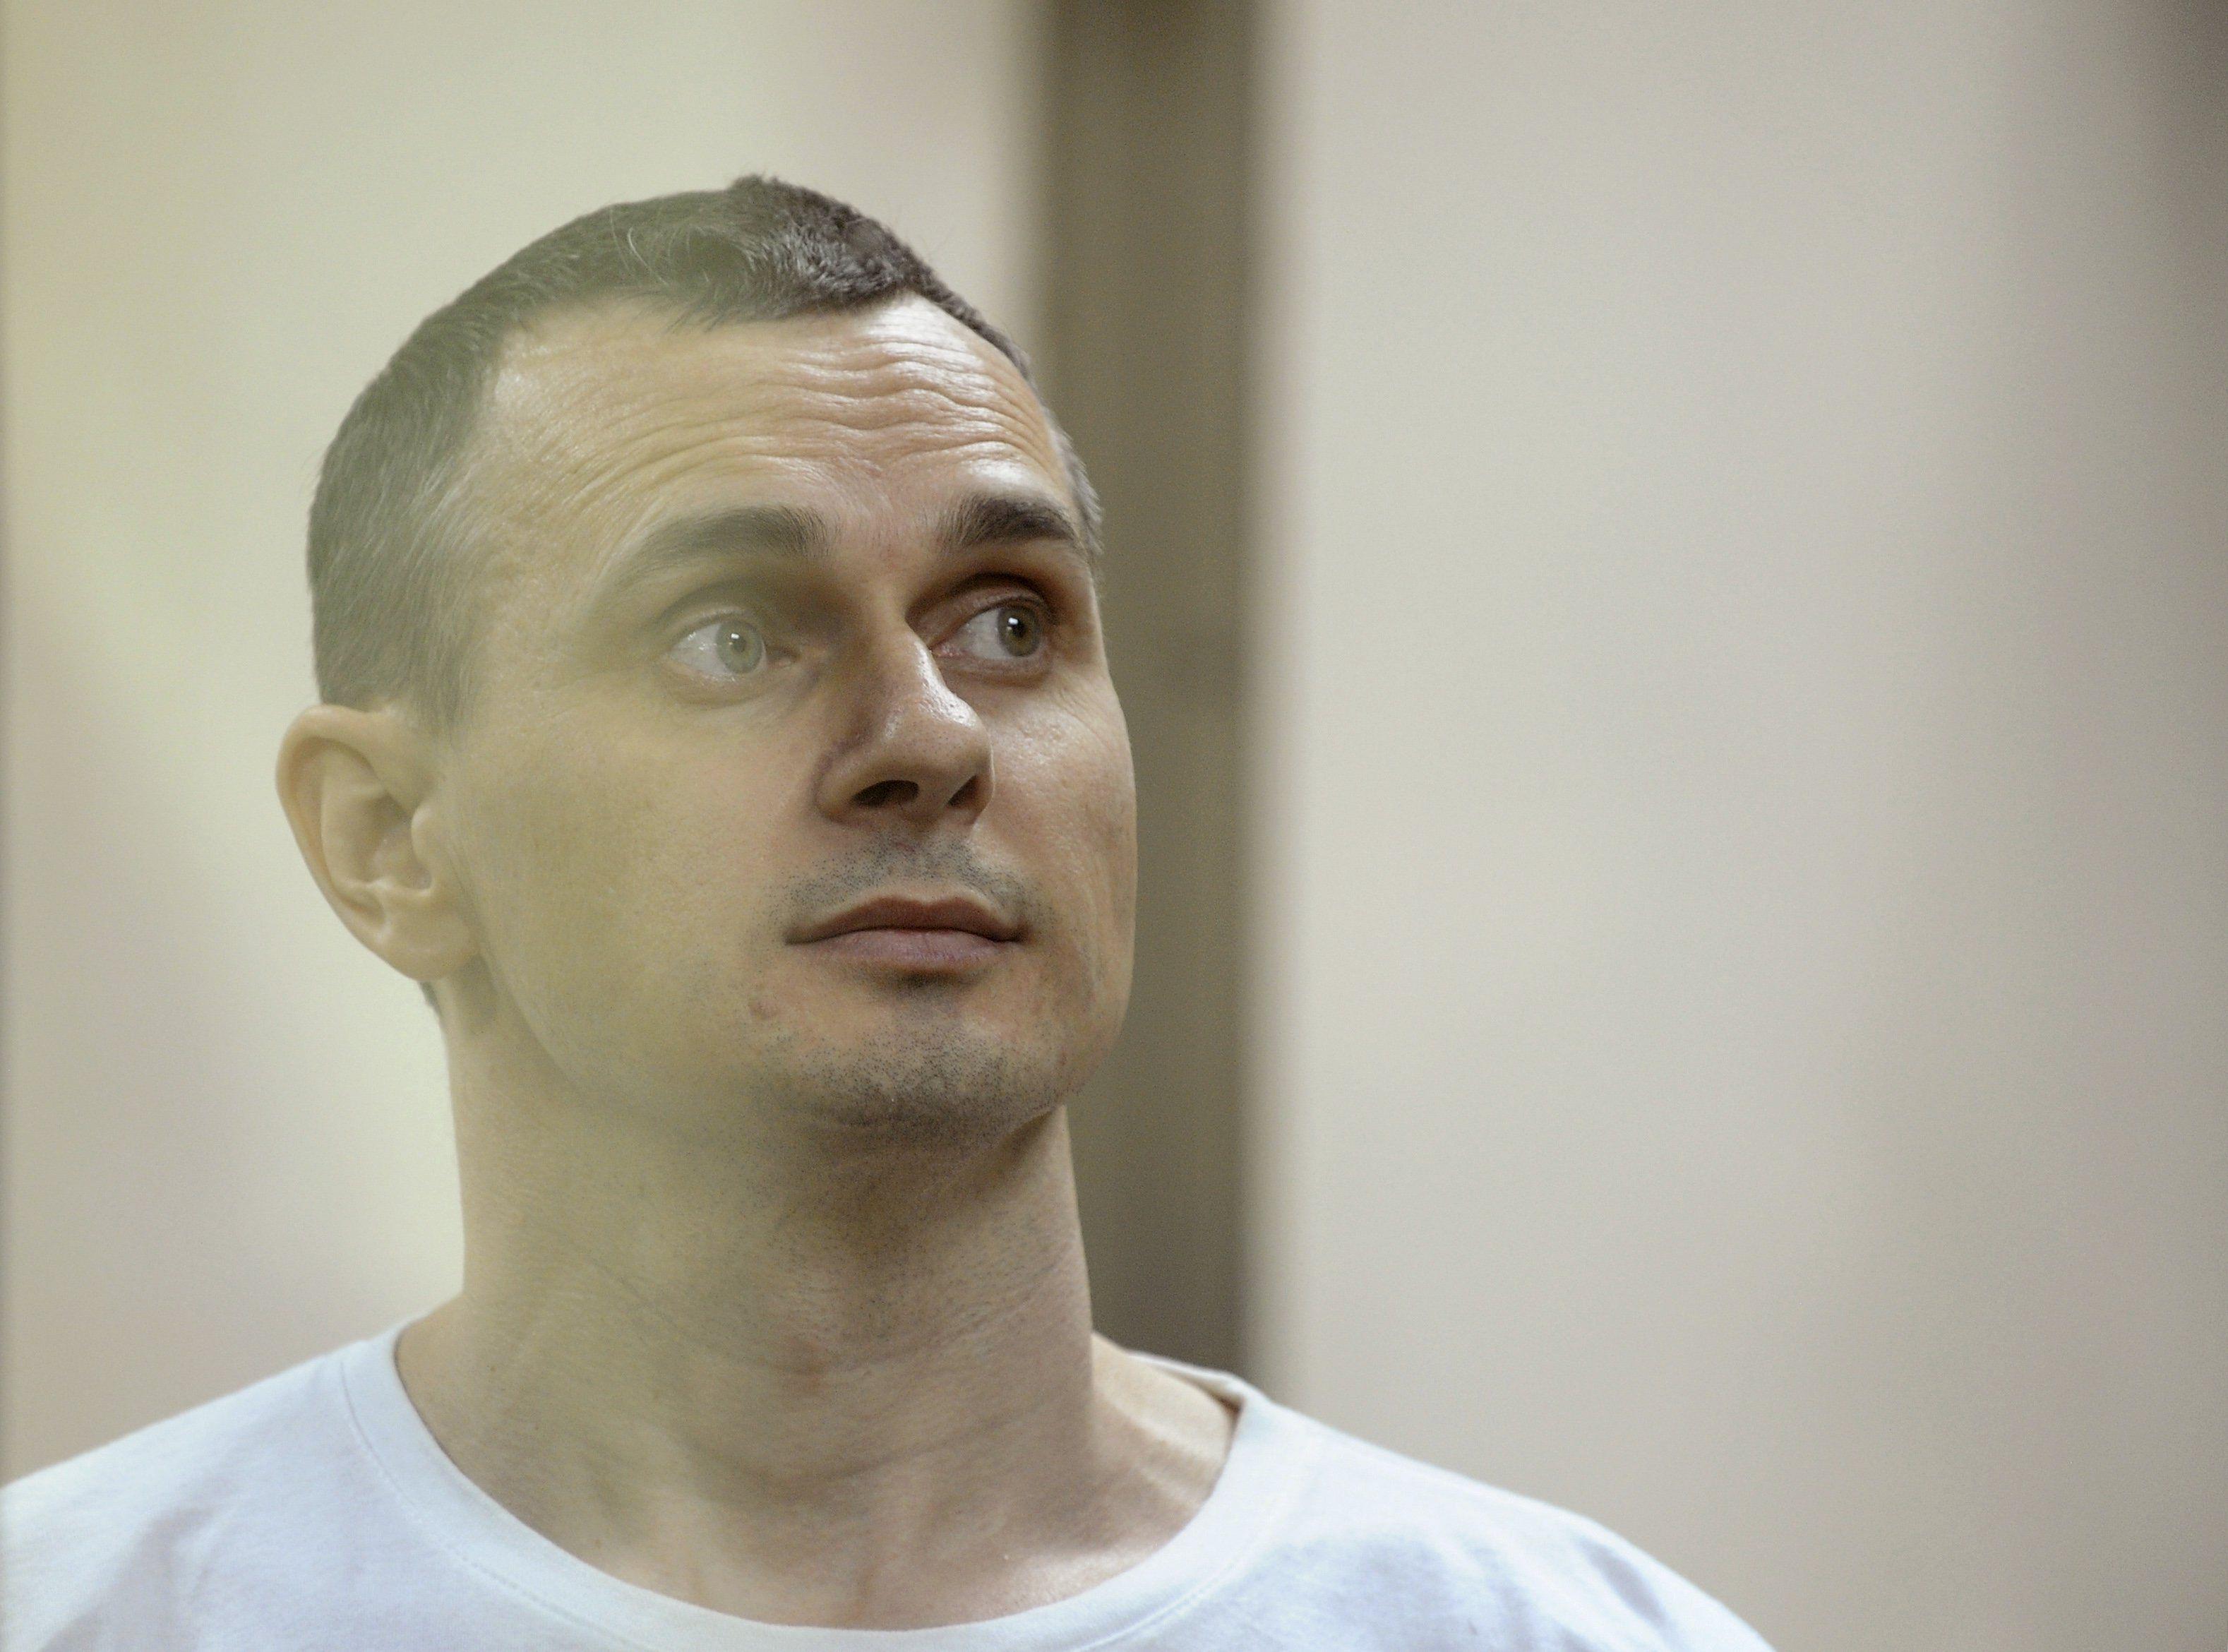 Адвокат Олега Сенцова сообщил, что у режиссера есть проблемы с сердцем, печенью и почками